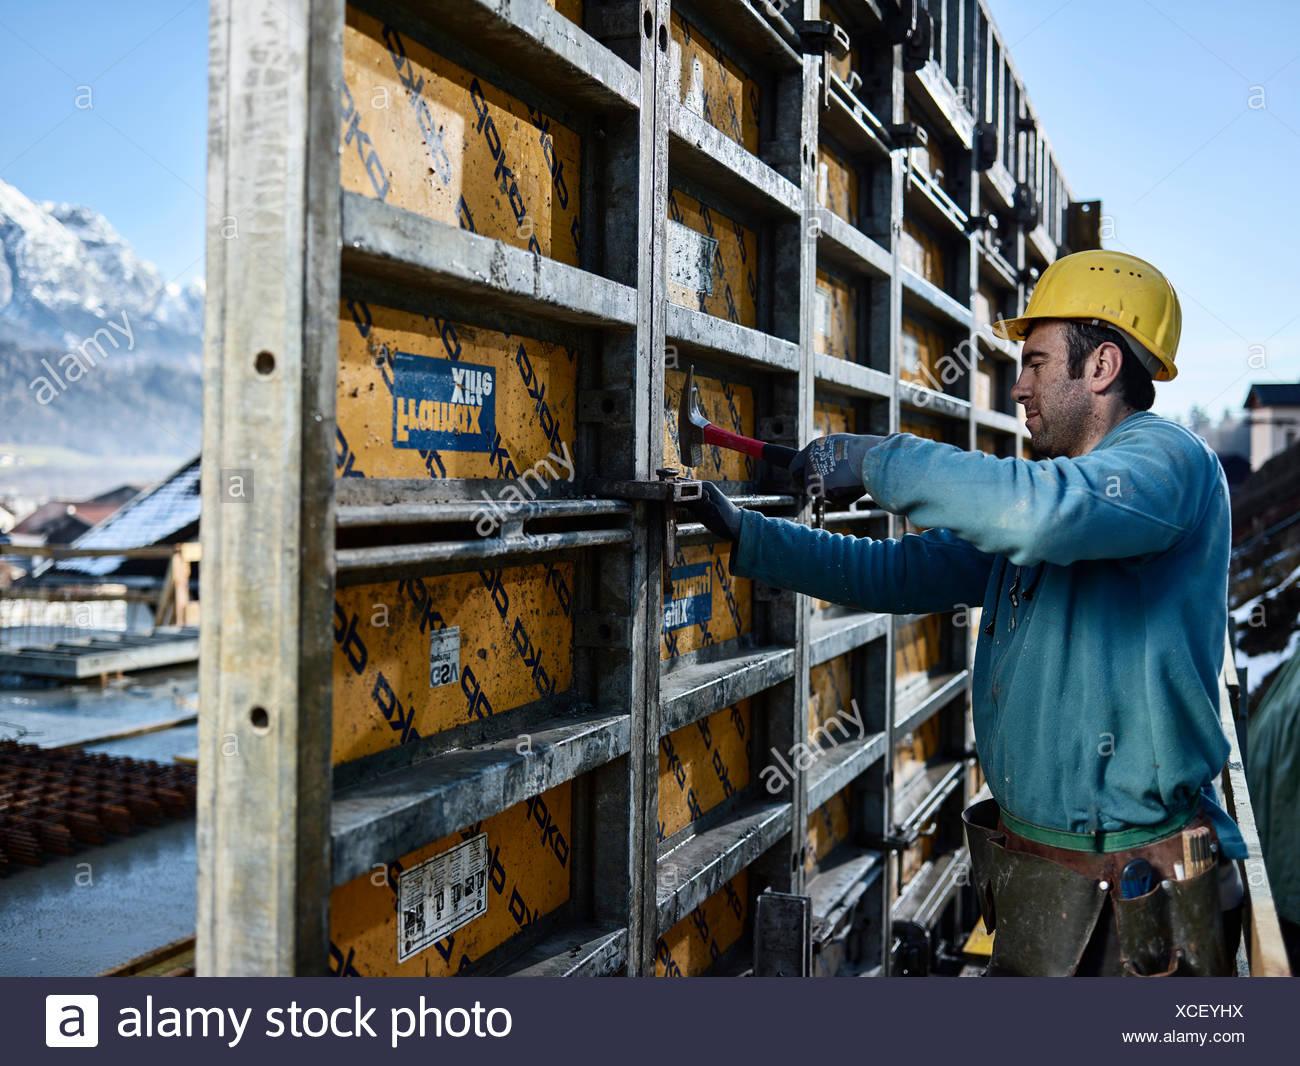 Bauarbeiter mit Hammer, verbindendes Element auf Schalung Wand, Innsbruck Land, Tirol, Österreich Stockbild